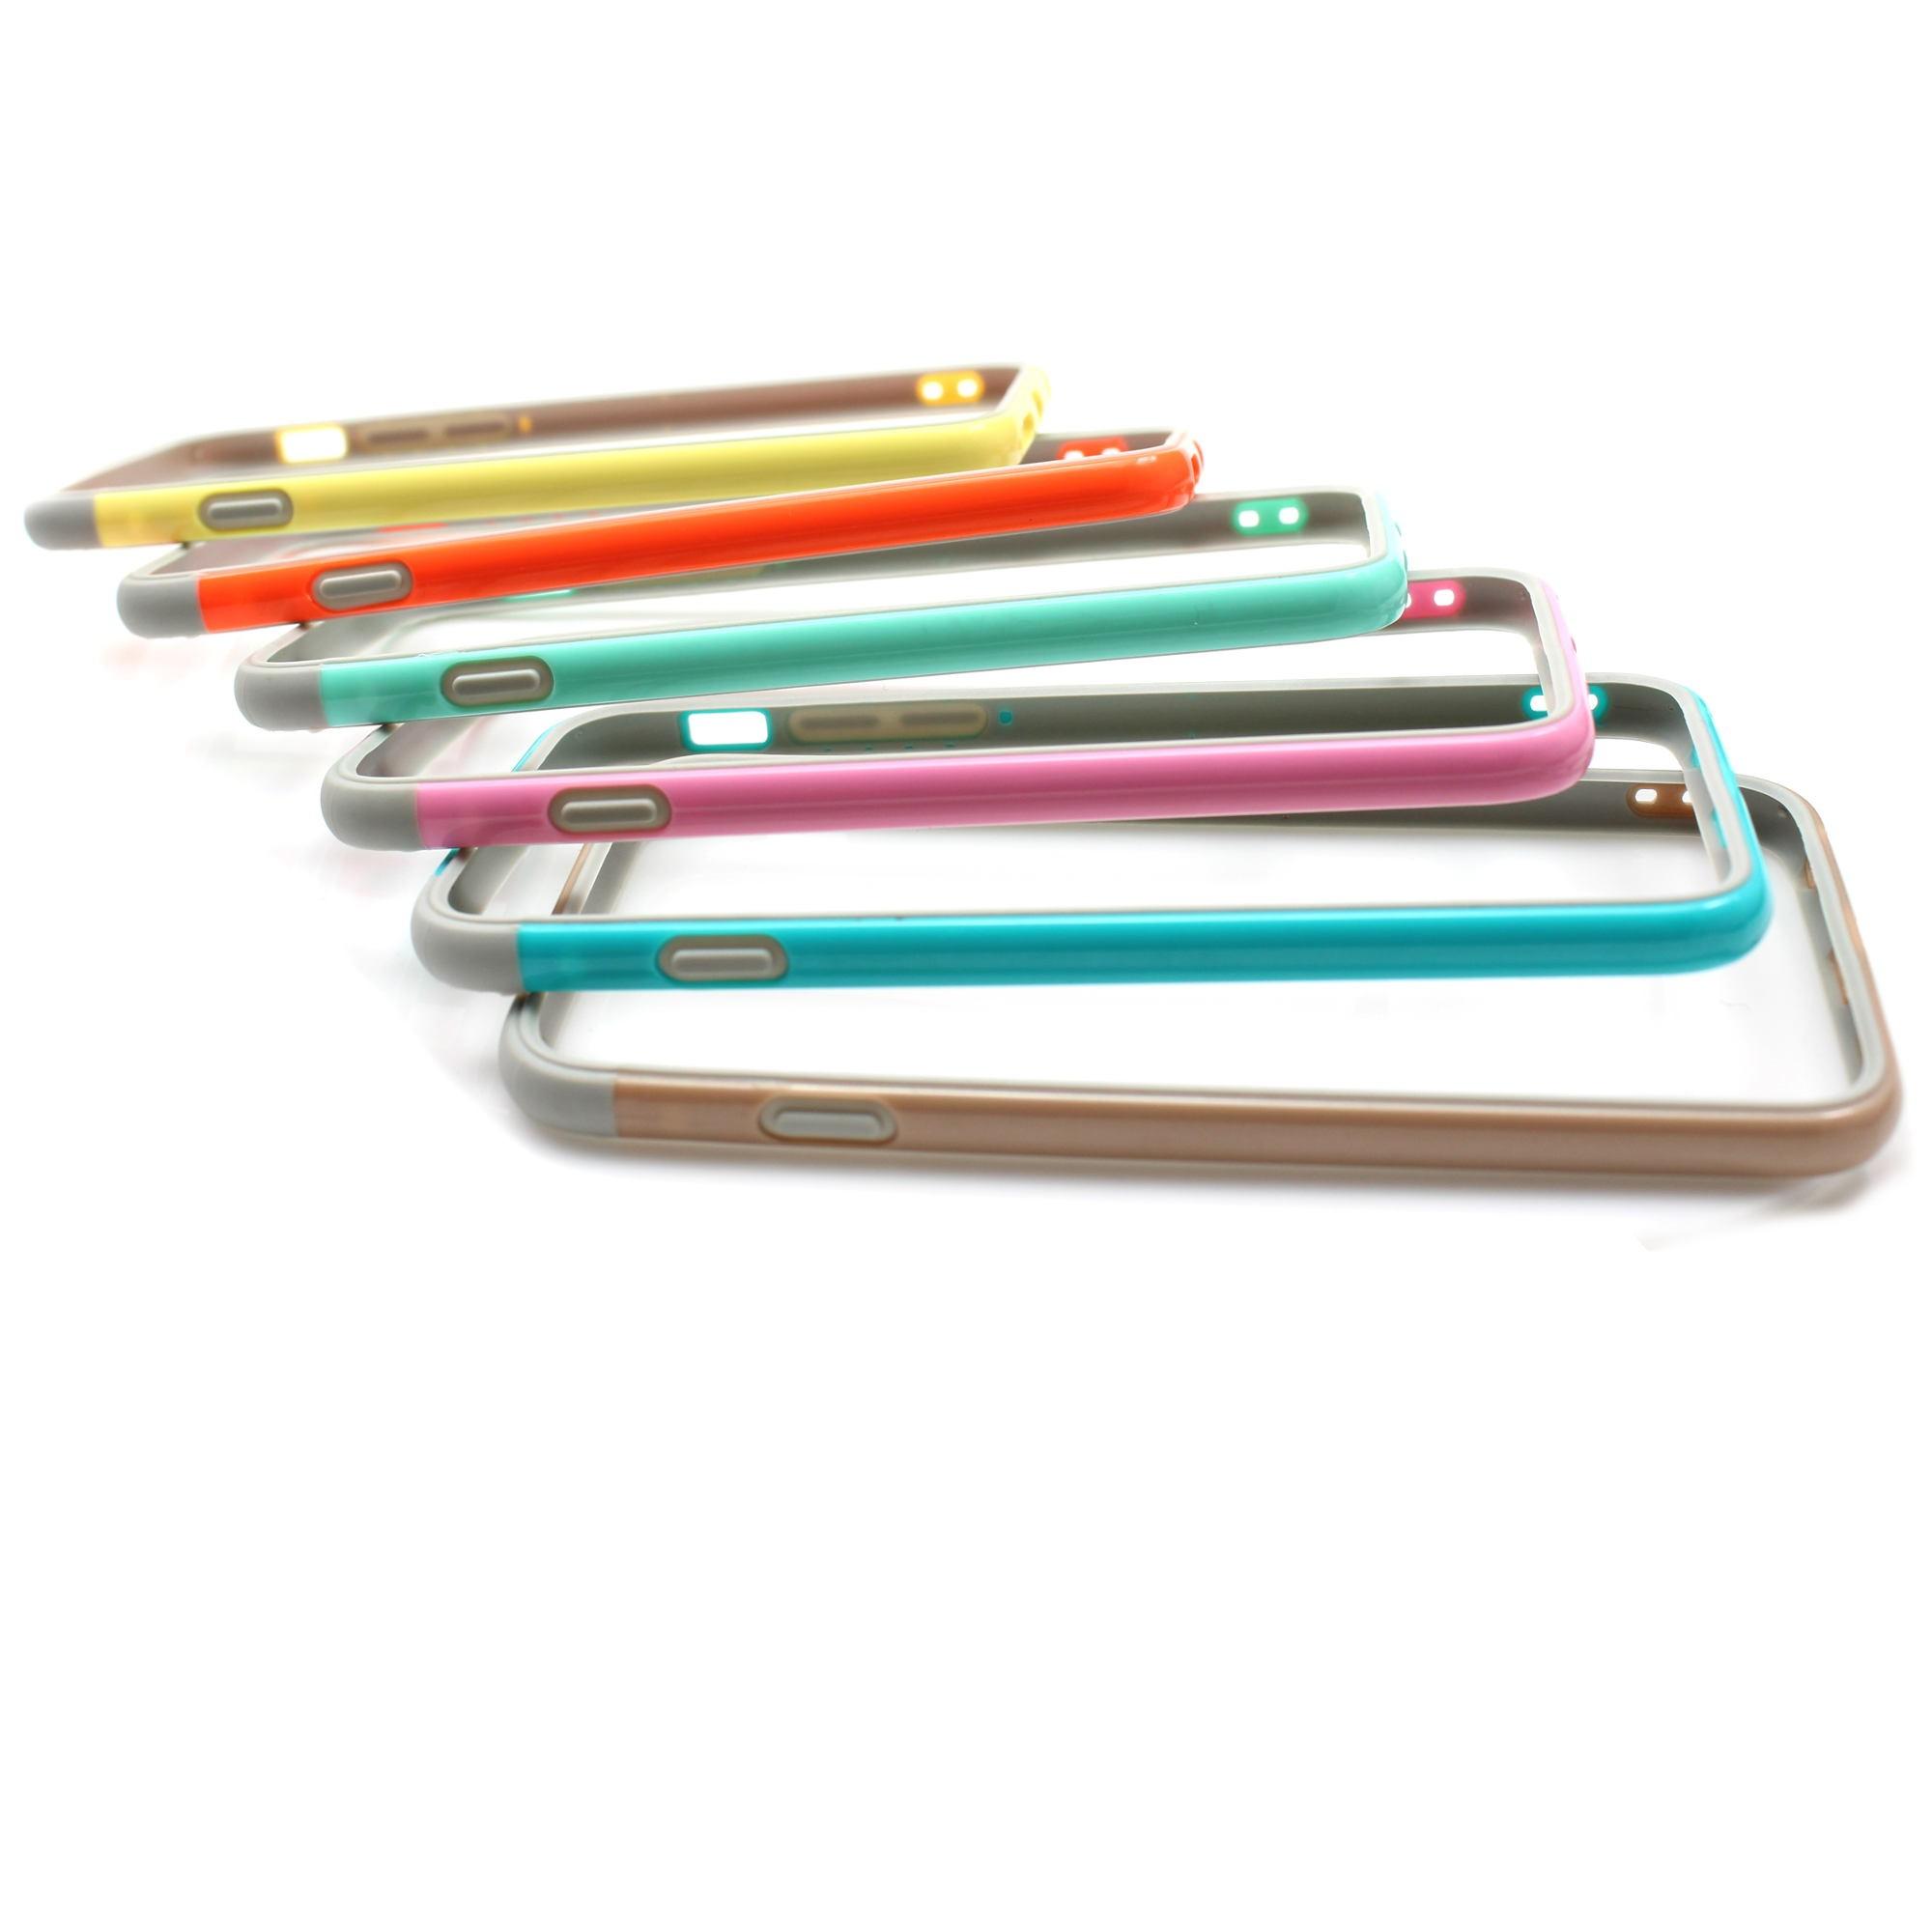 iPhone 6 Tvåfärgad skyddsram